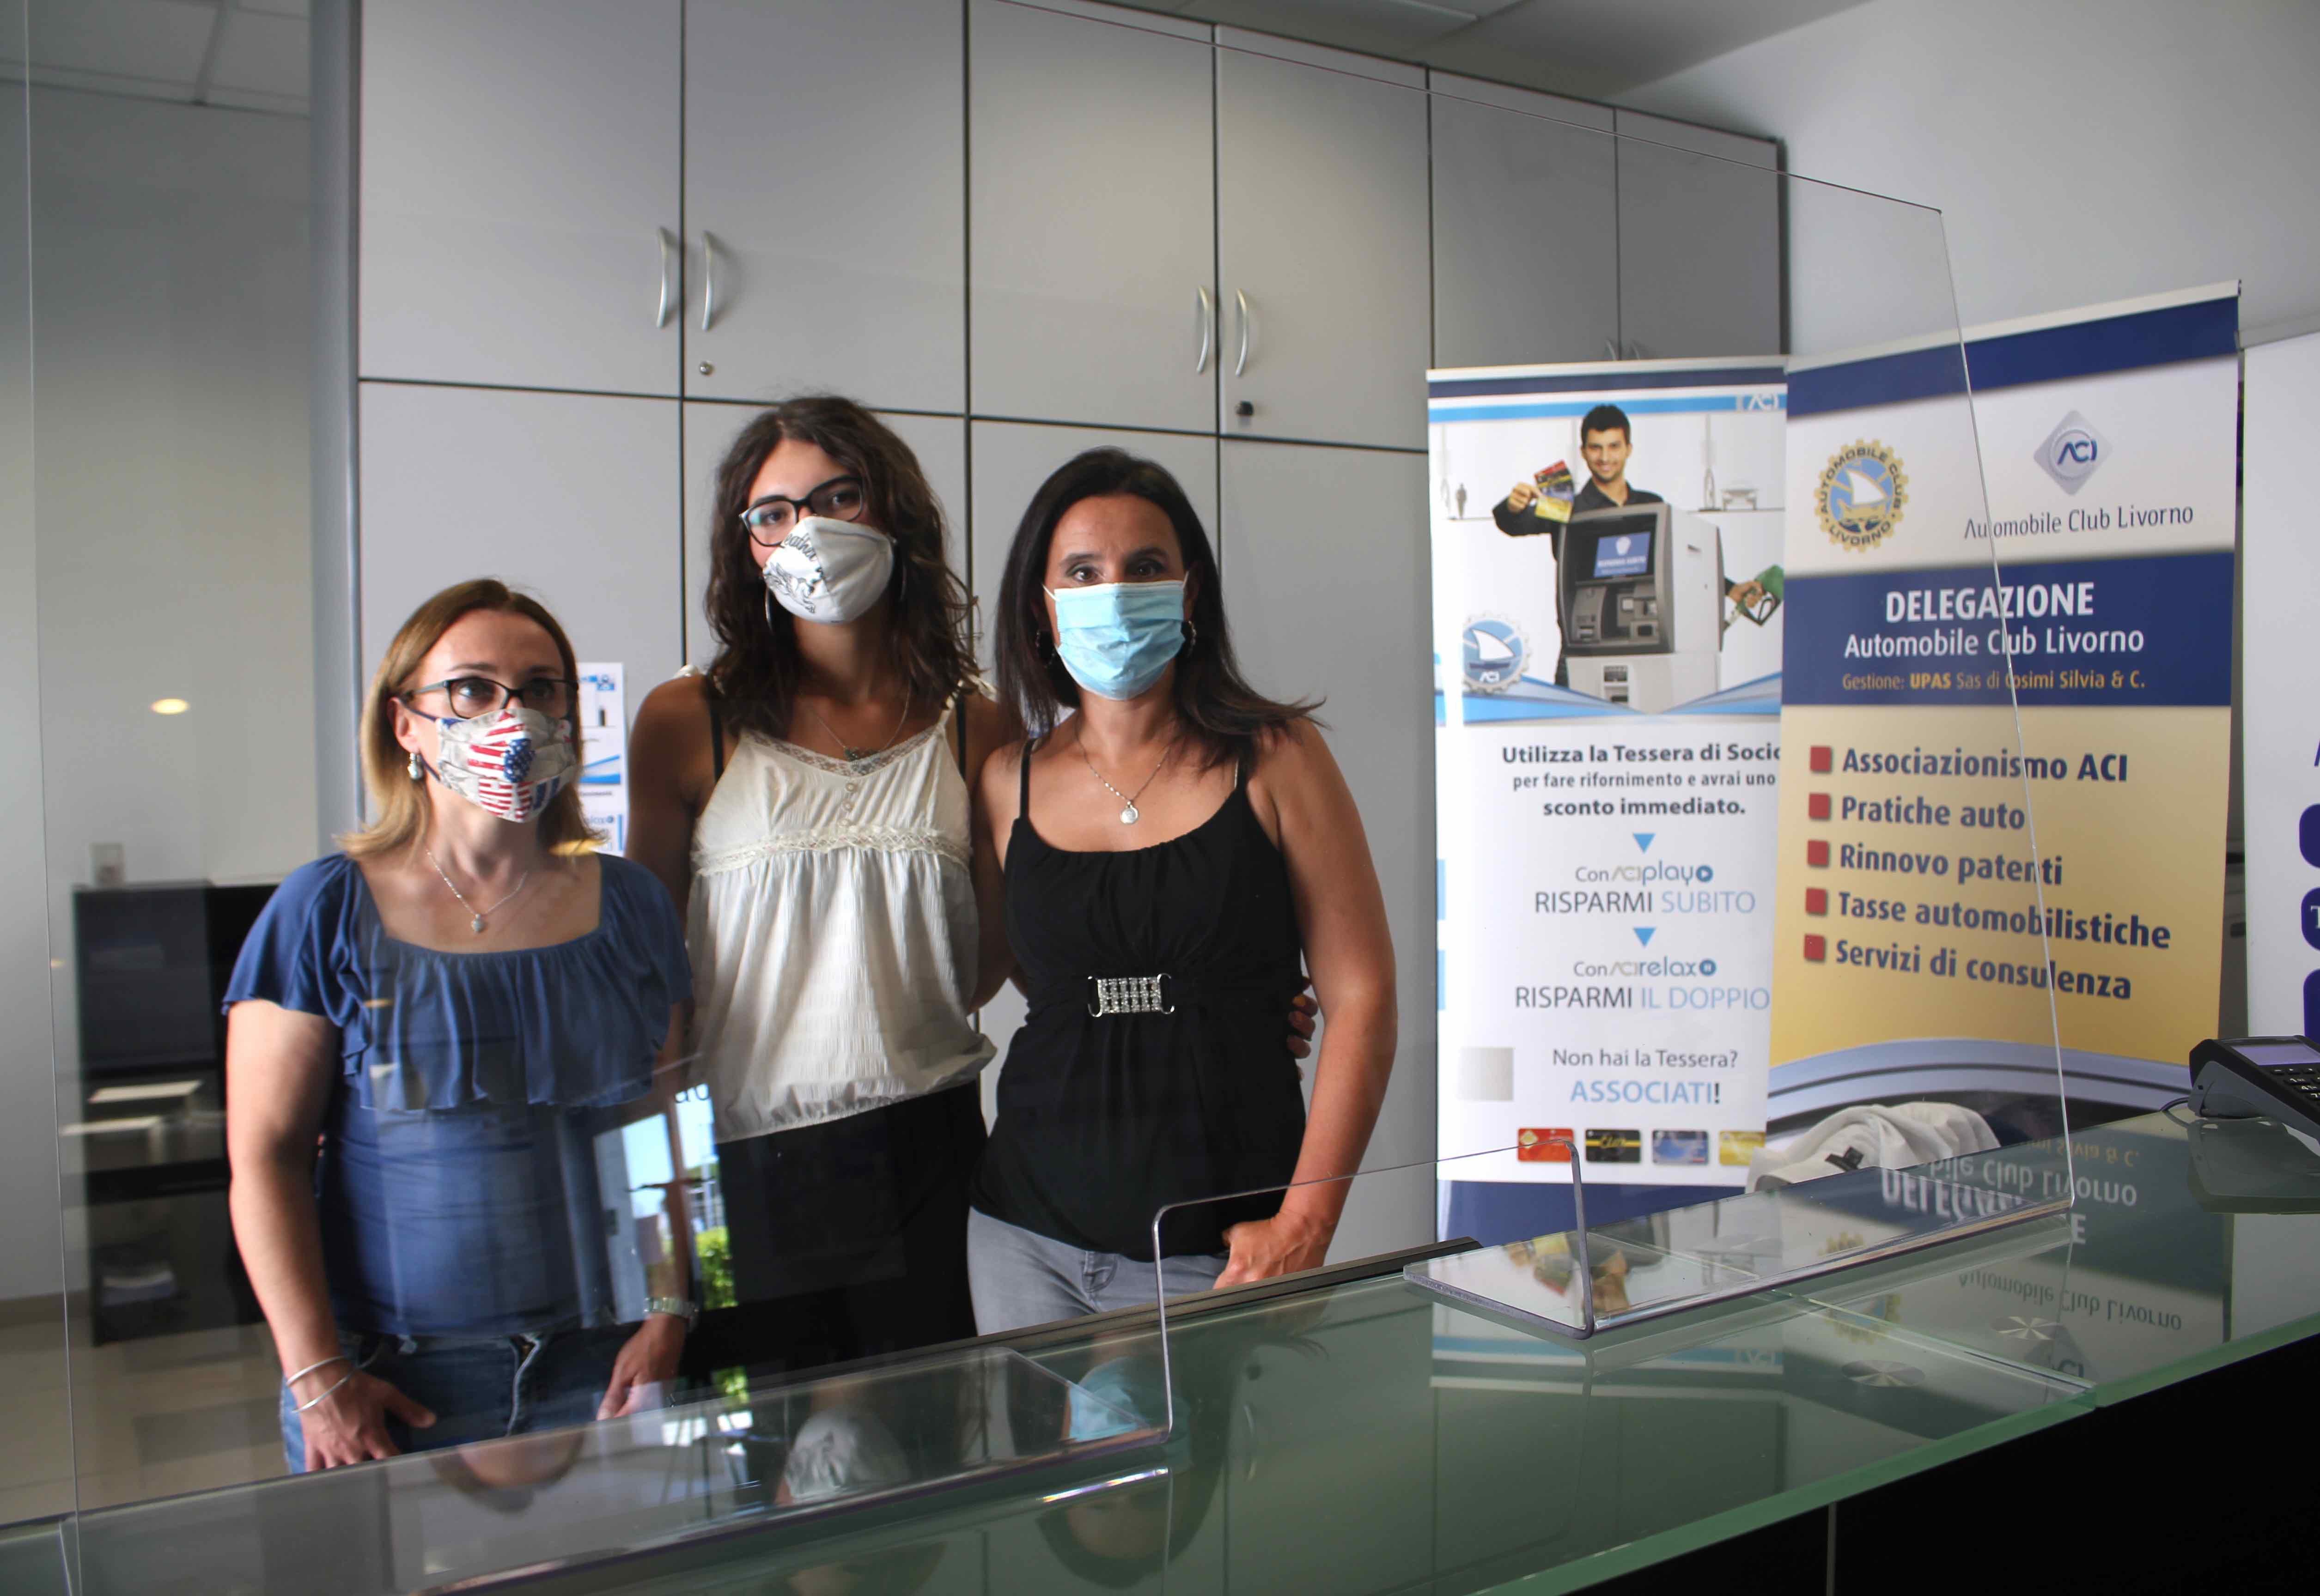 AC Livorno, arriva una nuova delegazione in città